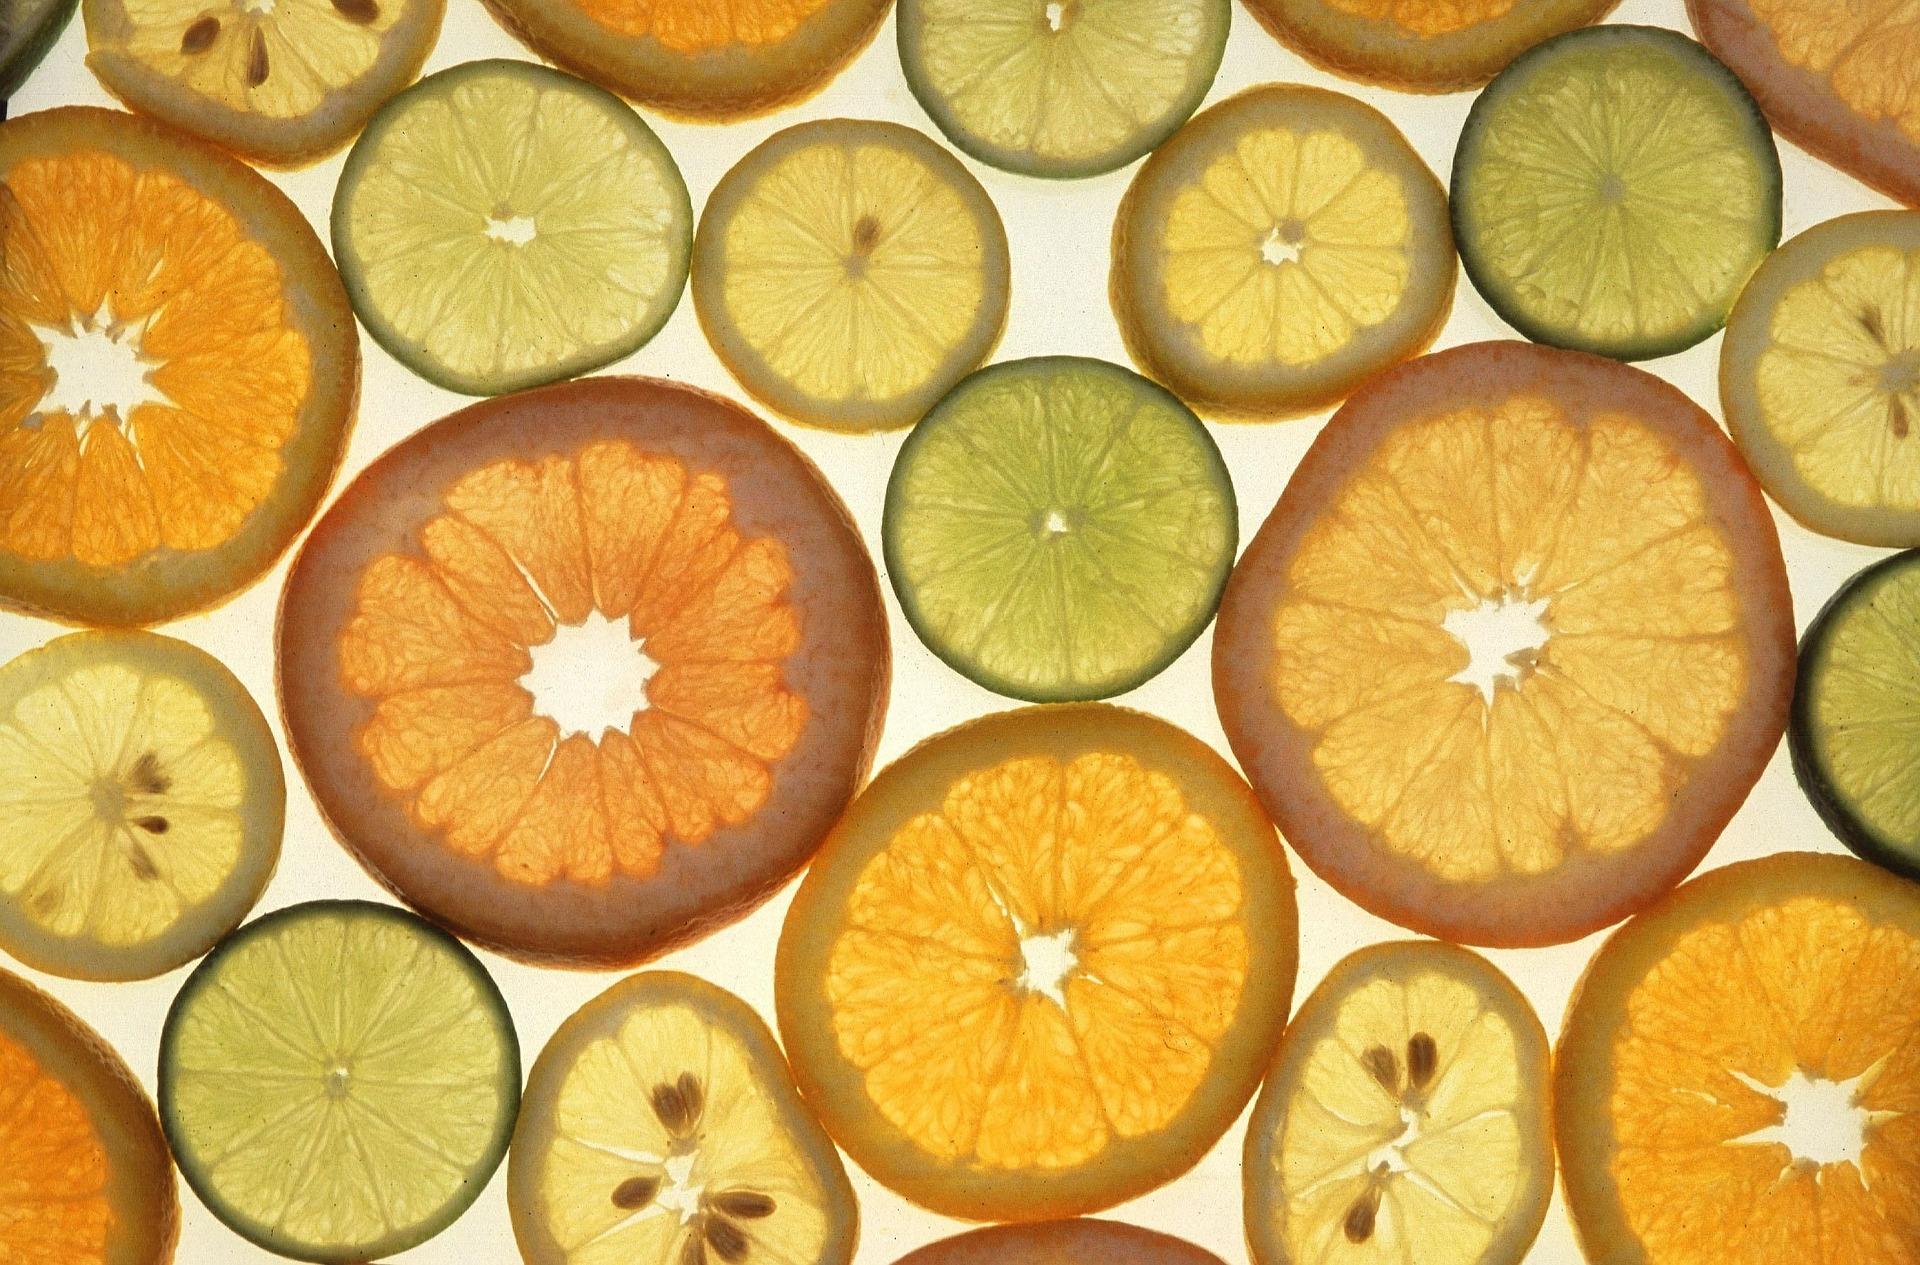 Vitamina C: possibile ruolo nella prevenzione del raffreddore e nella gestione della COVID-19